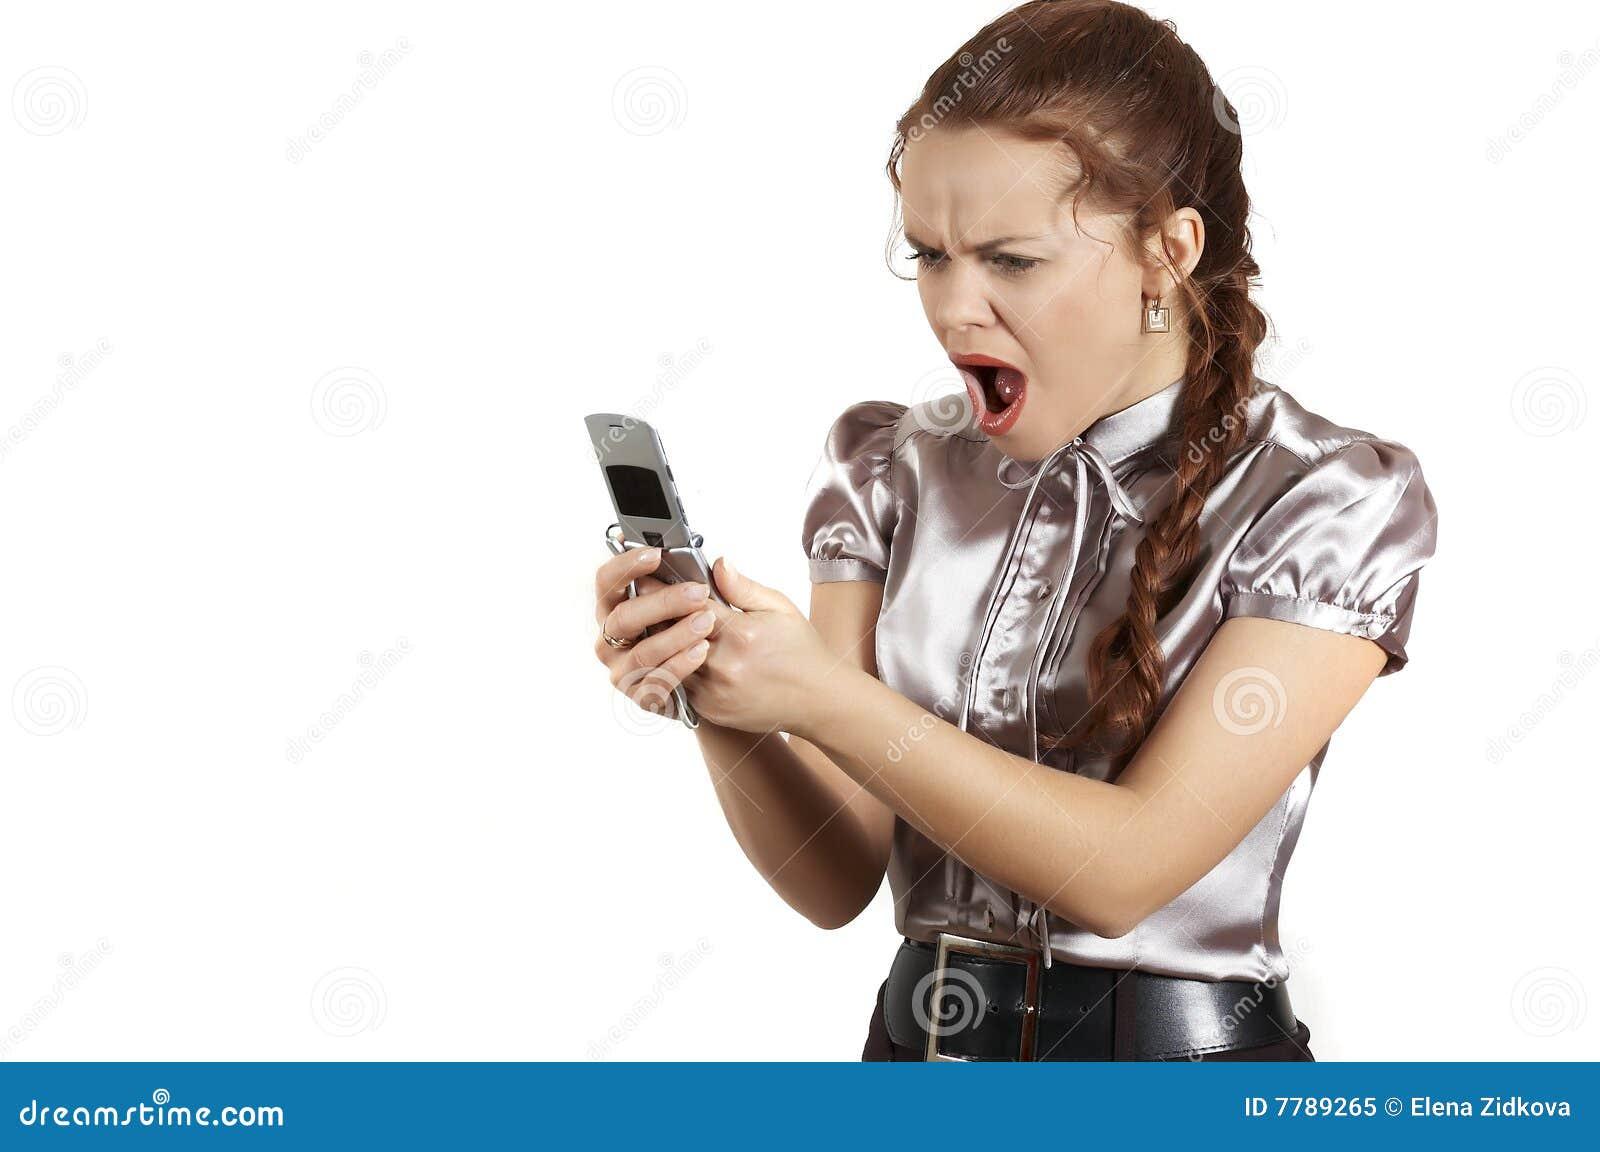 foto-uteryannih-telefonov-devushek-smotret-porevo-v-drevnem-rime